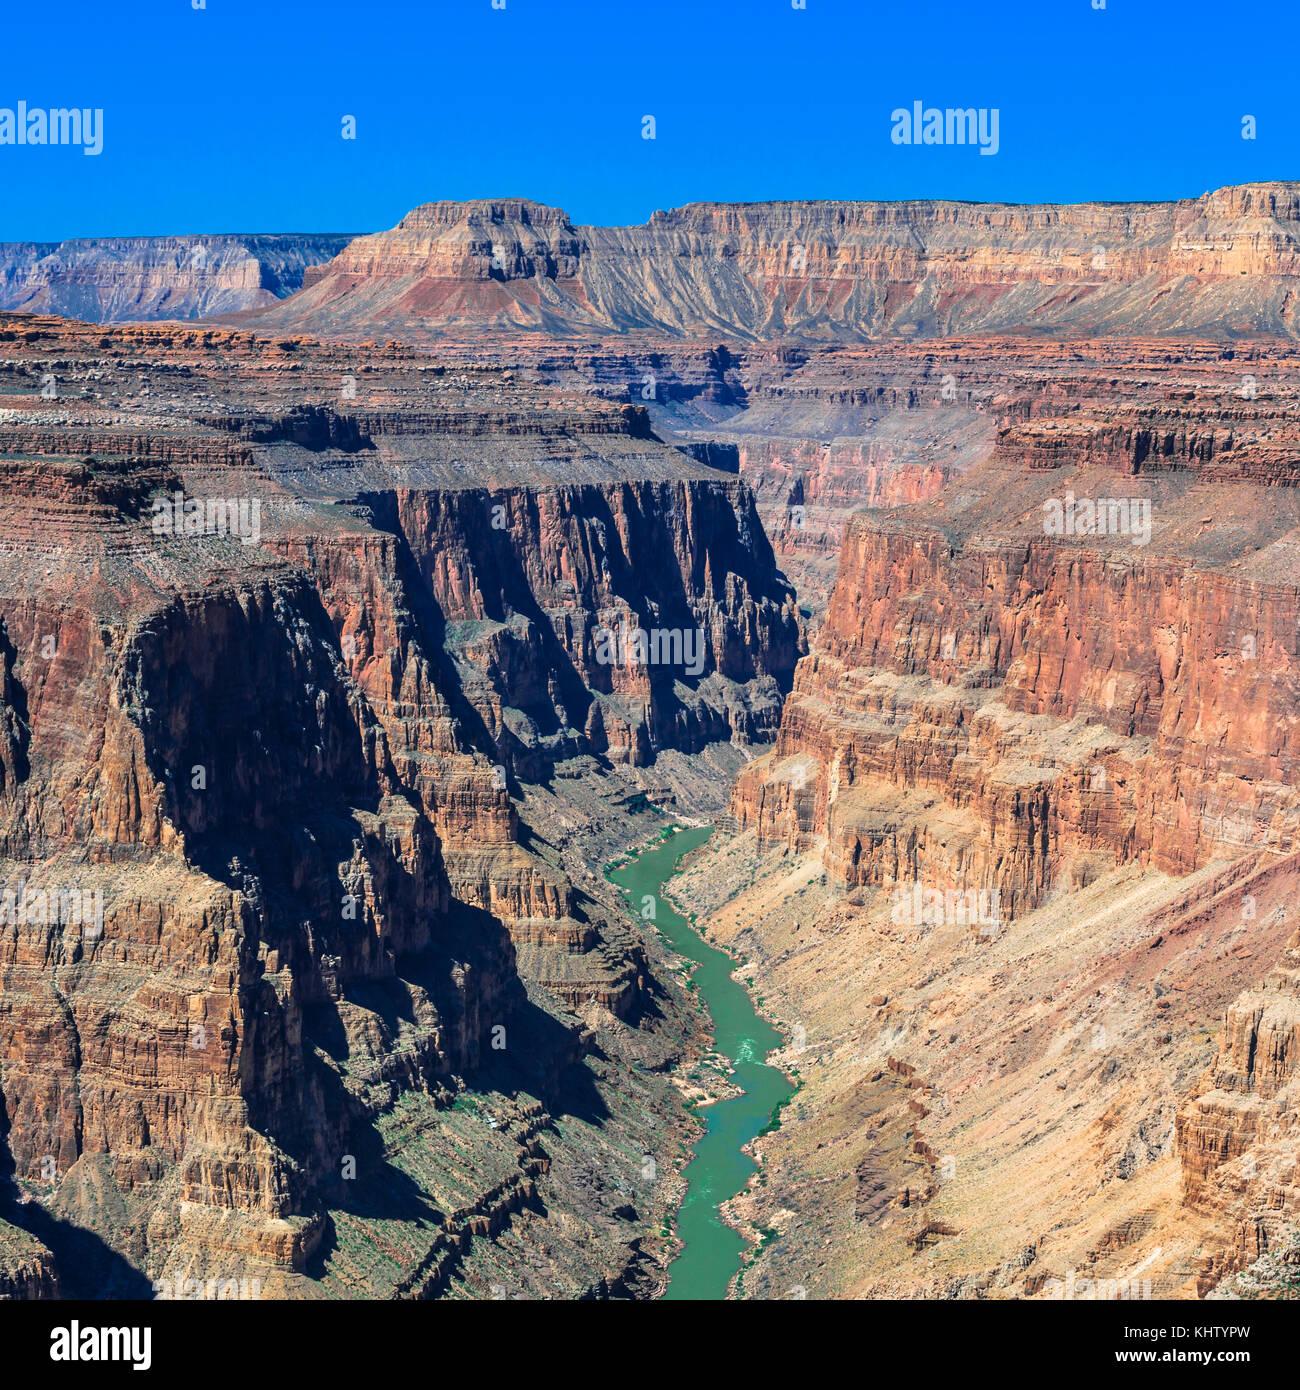 En el río Colorado Rapids fishtail área de parque nacional Grand Canyon, Arizona Imagen De Stock